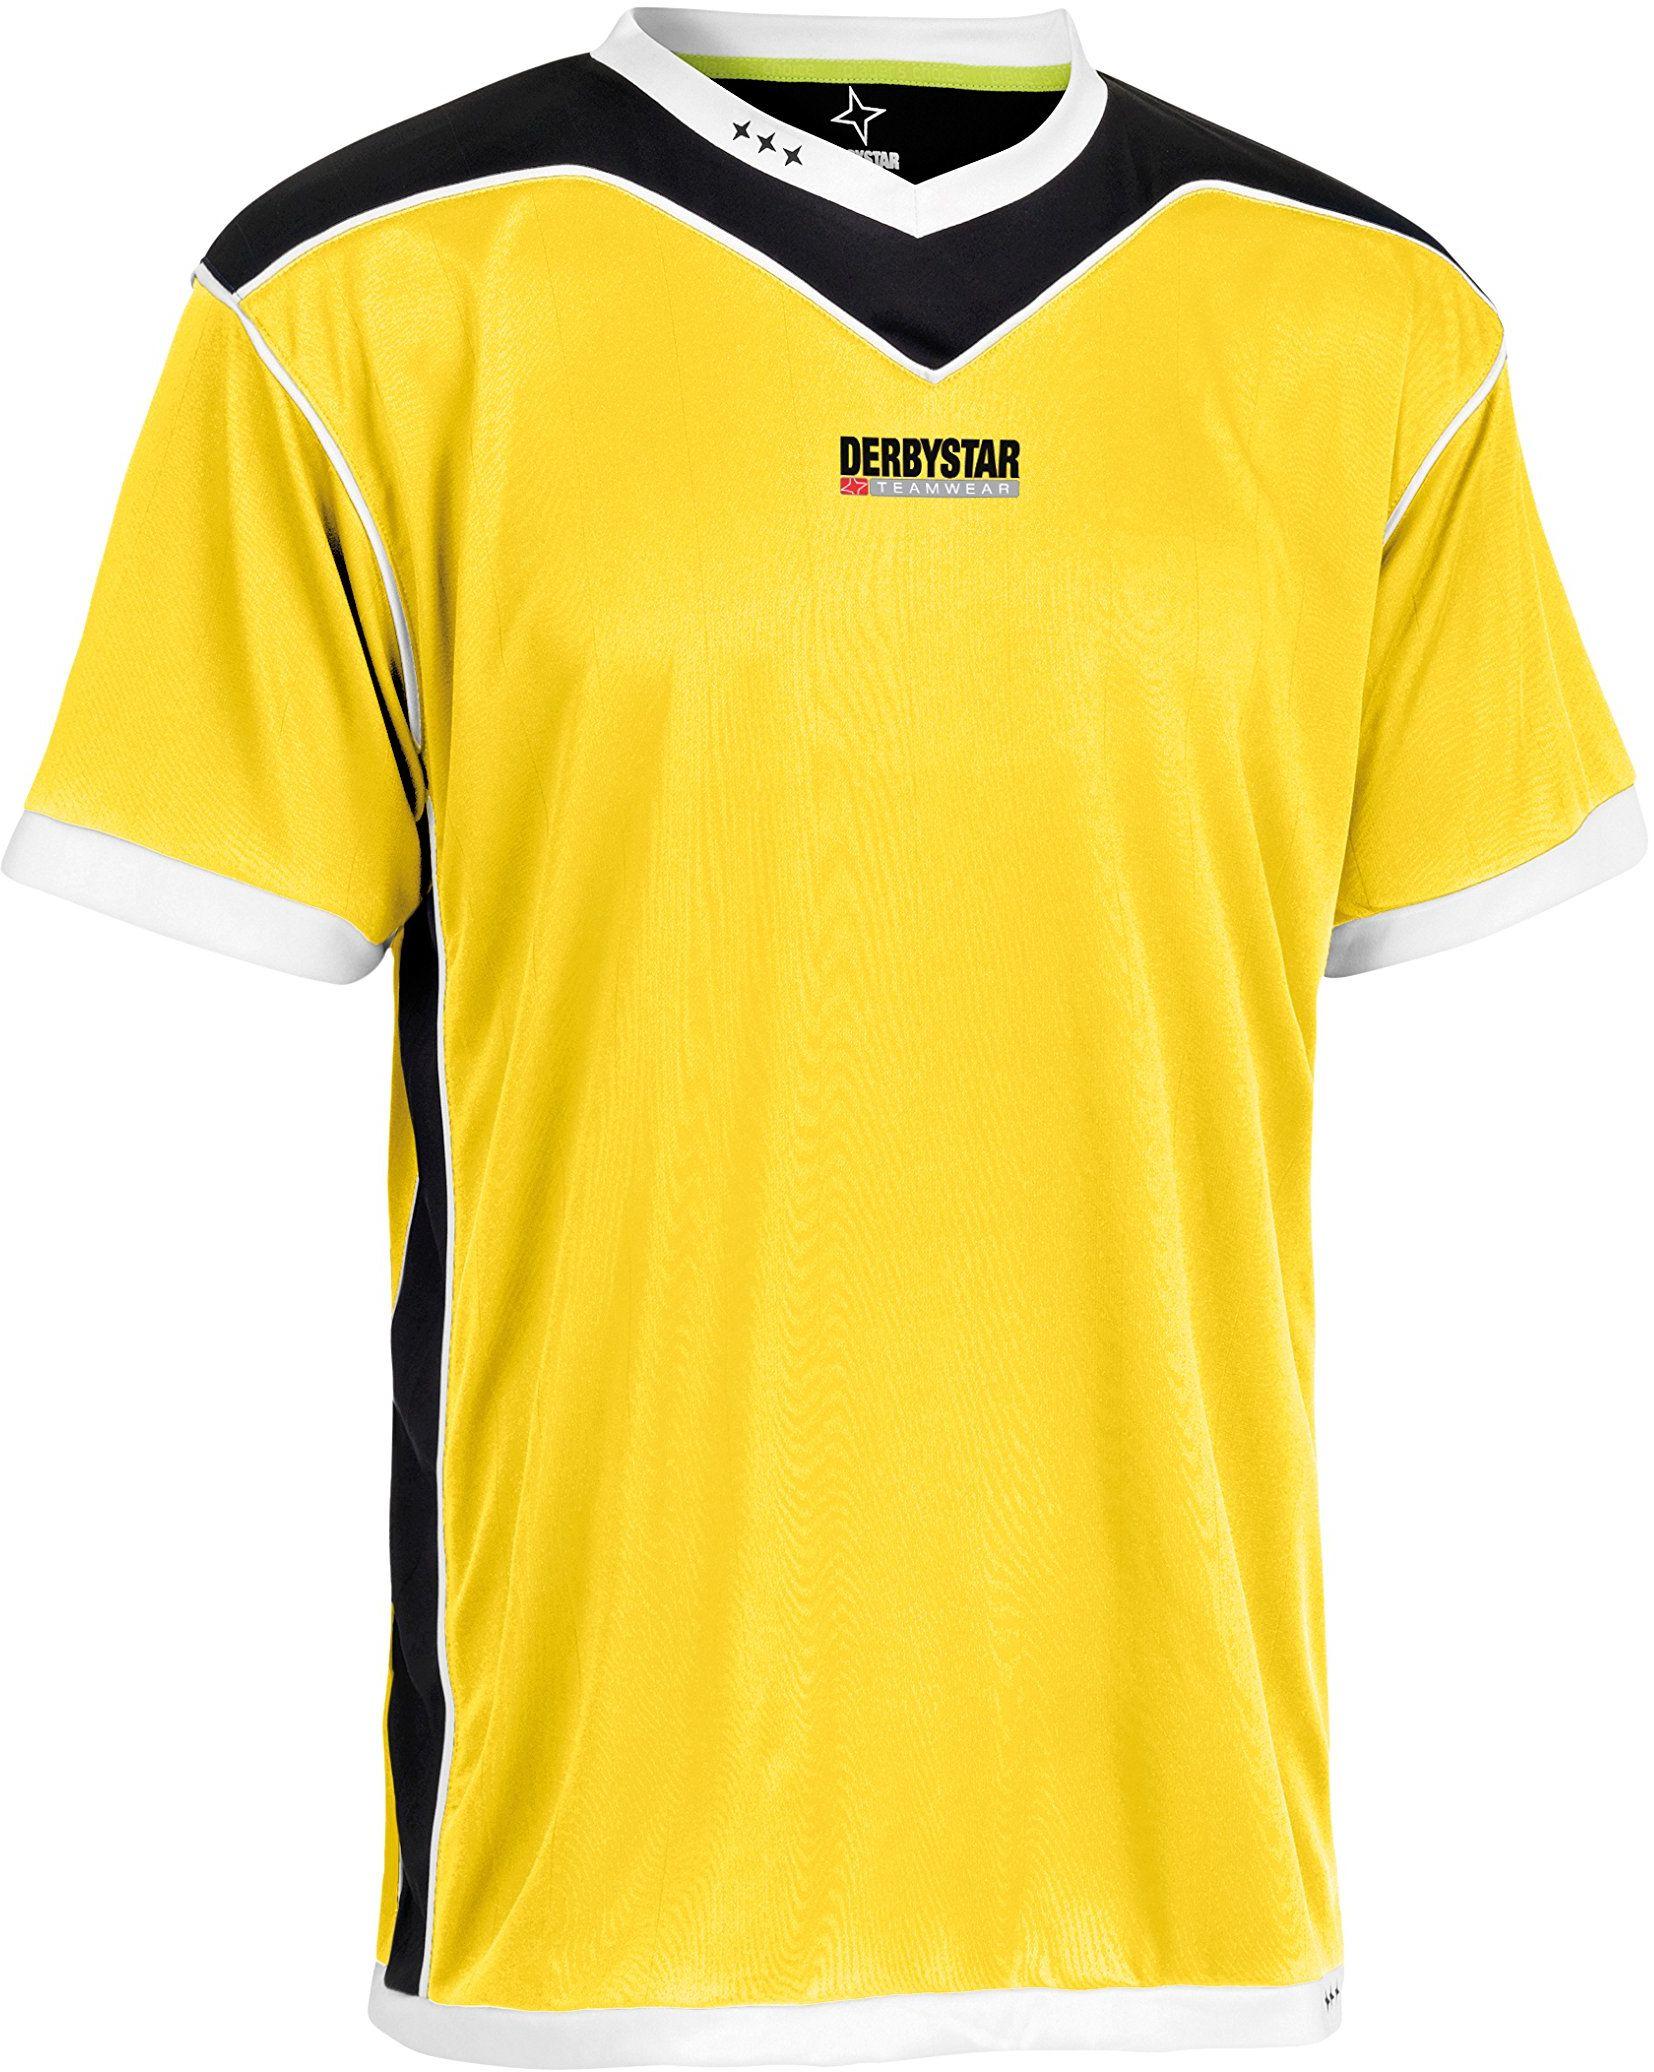 Derbystar Koszulka Brillant krótka, 140/152, żółta czarna, 6000152520